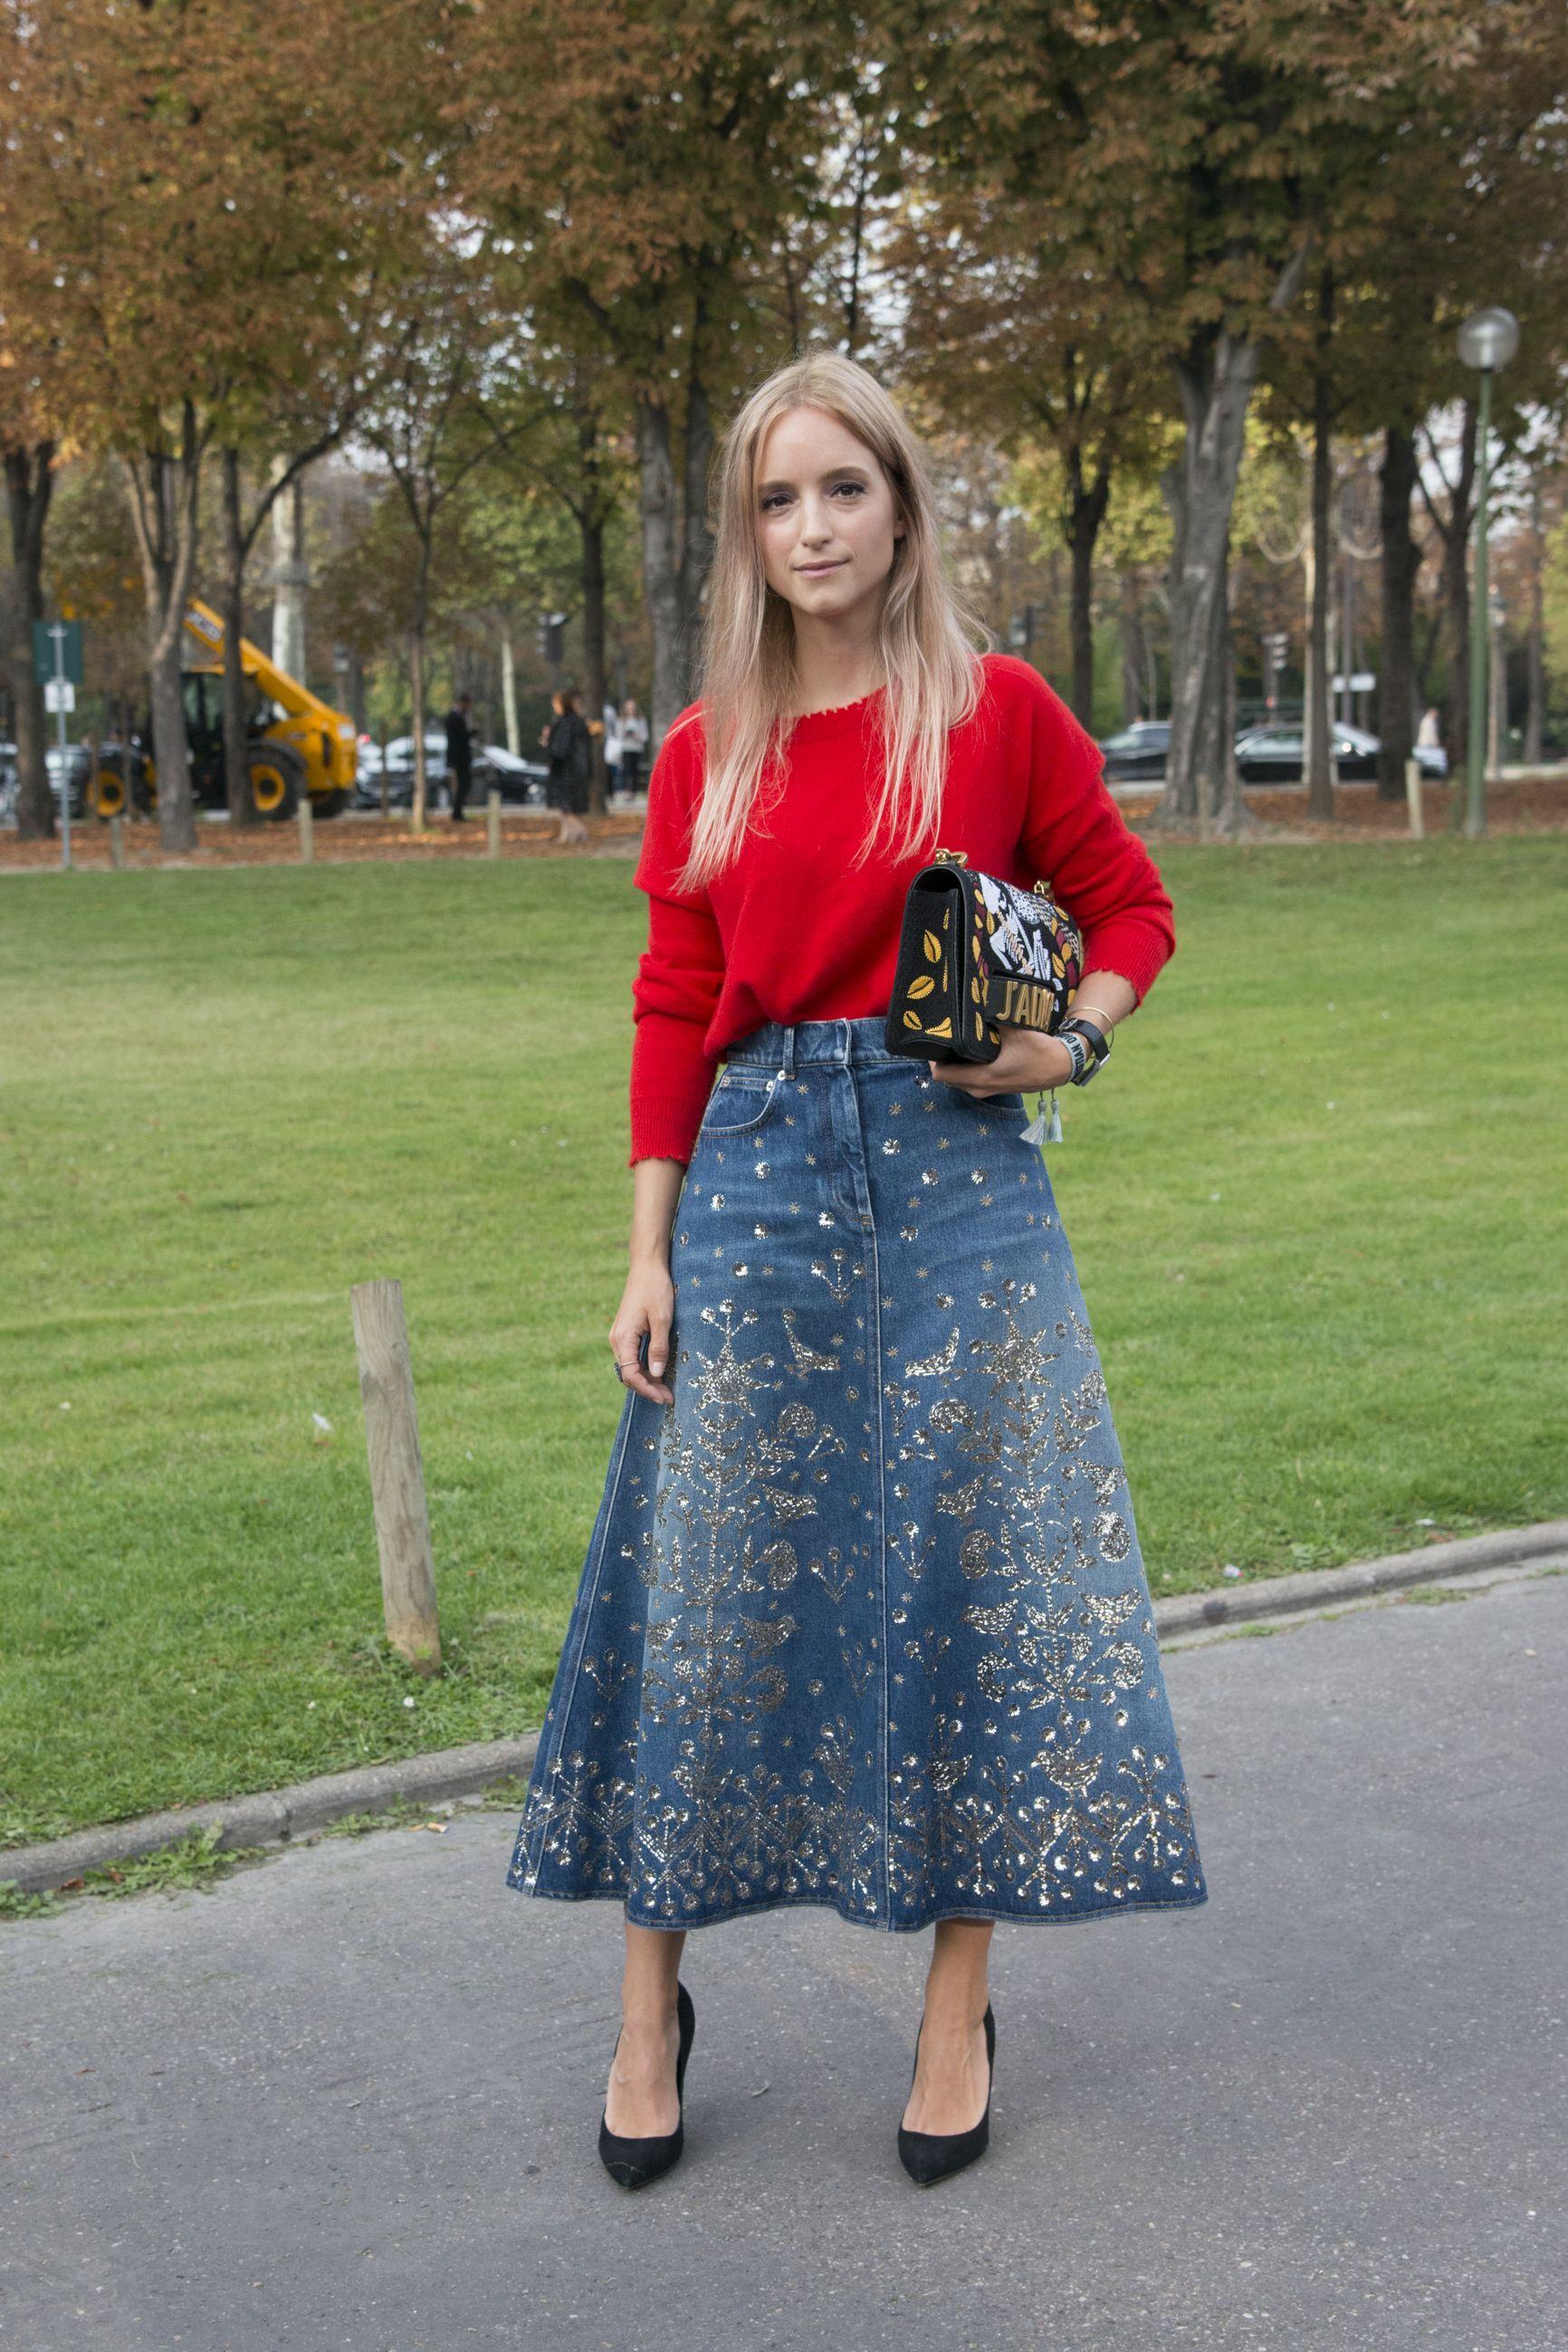 <p>ブログ『ザ・ファッション・ギター』を手掛けるシャーロットは、マーク ケインのニットをディオールのキラキラデニムスカートにイン。赤の面積はおさえ気味にして、差し色的にトレンドカラーを活用。足元はシンプルなパンプスですっきりと、クラッチ持ちしたディオールのバッグのトライバルな刺繍で、ひとひねり。</p>